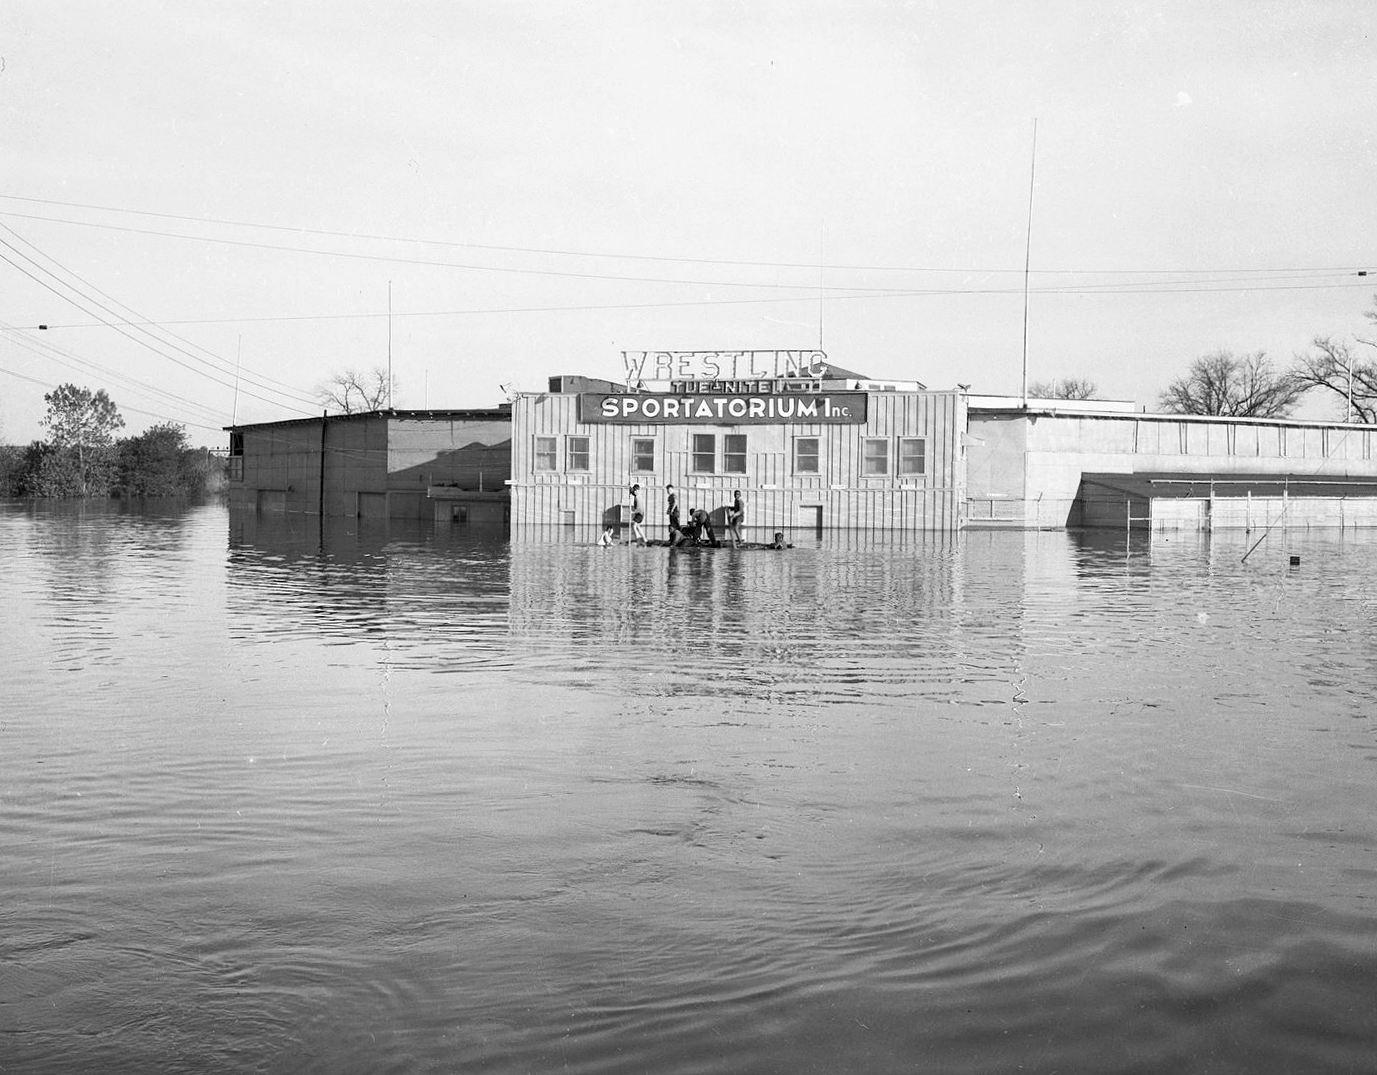 sportatorium_flood_squire-haskins_UTA_boys-1